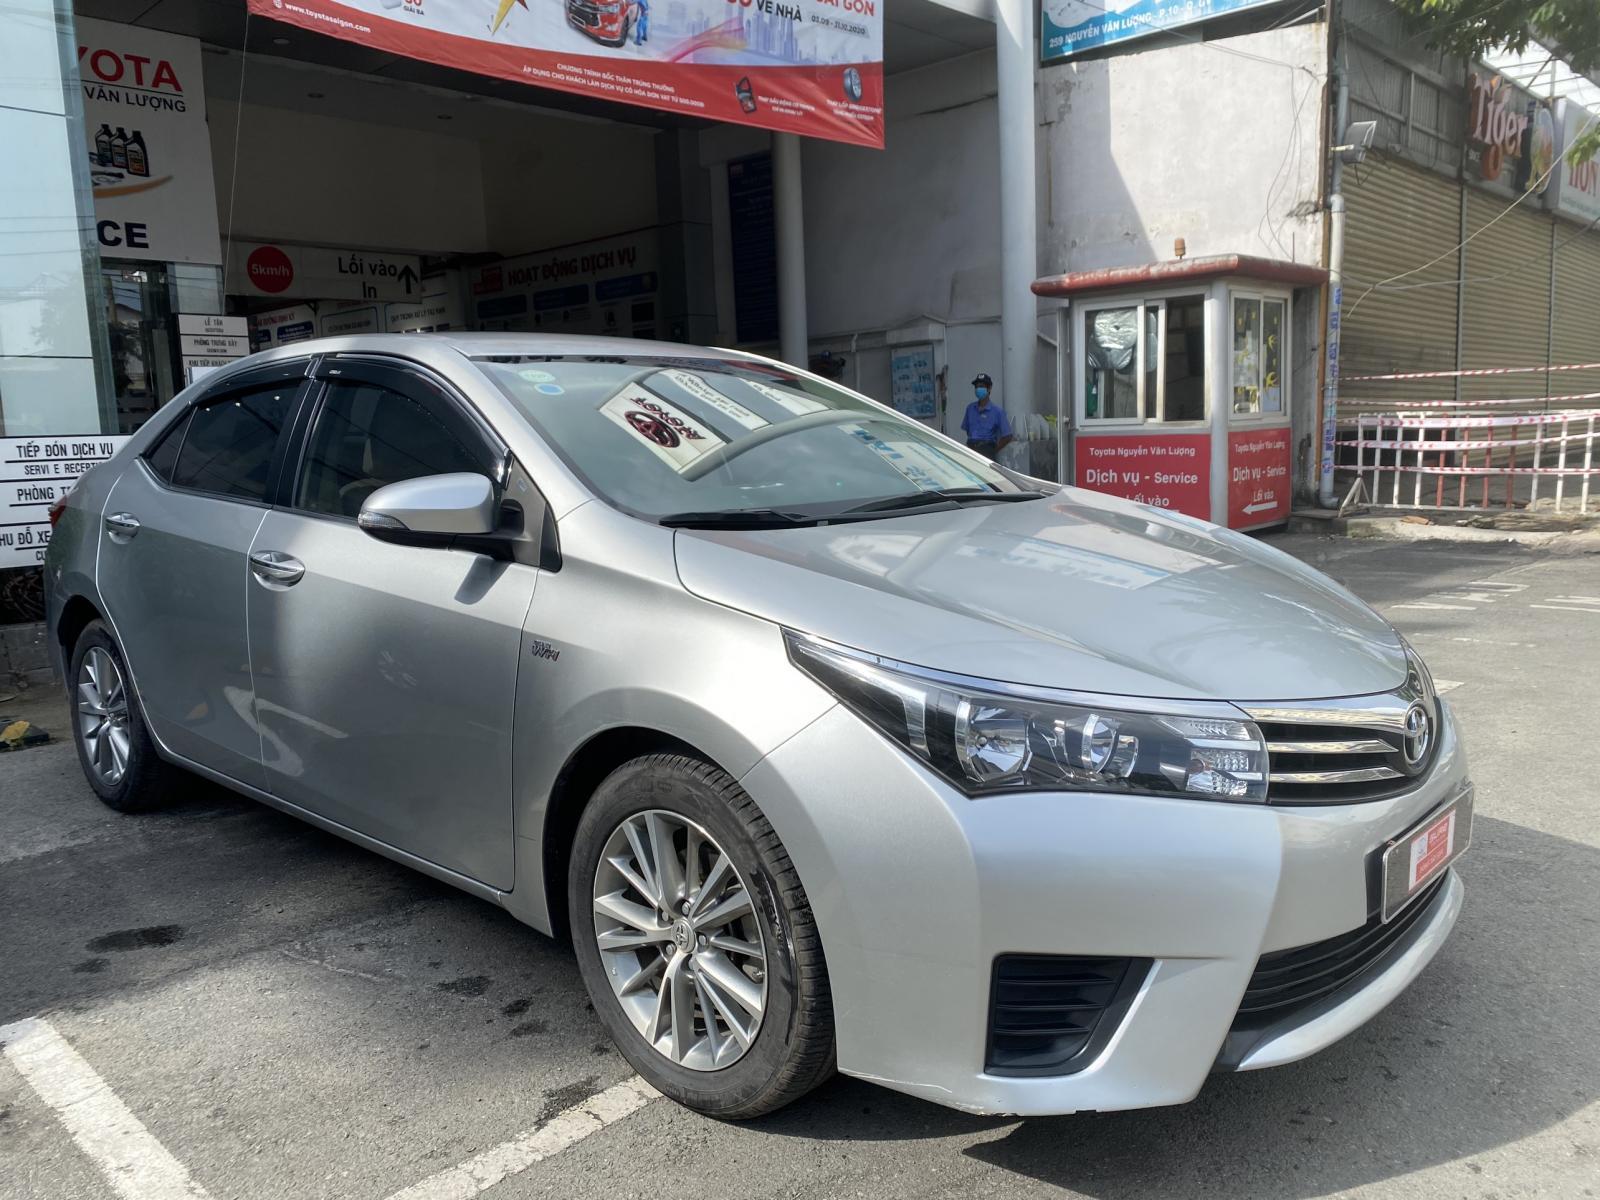 Bán ô tô Toyota Corolla Altis 1.8G đời 2015, màu bạc giá thương lượng